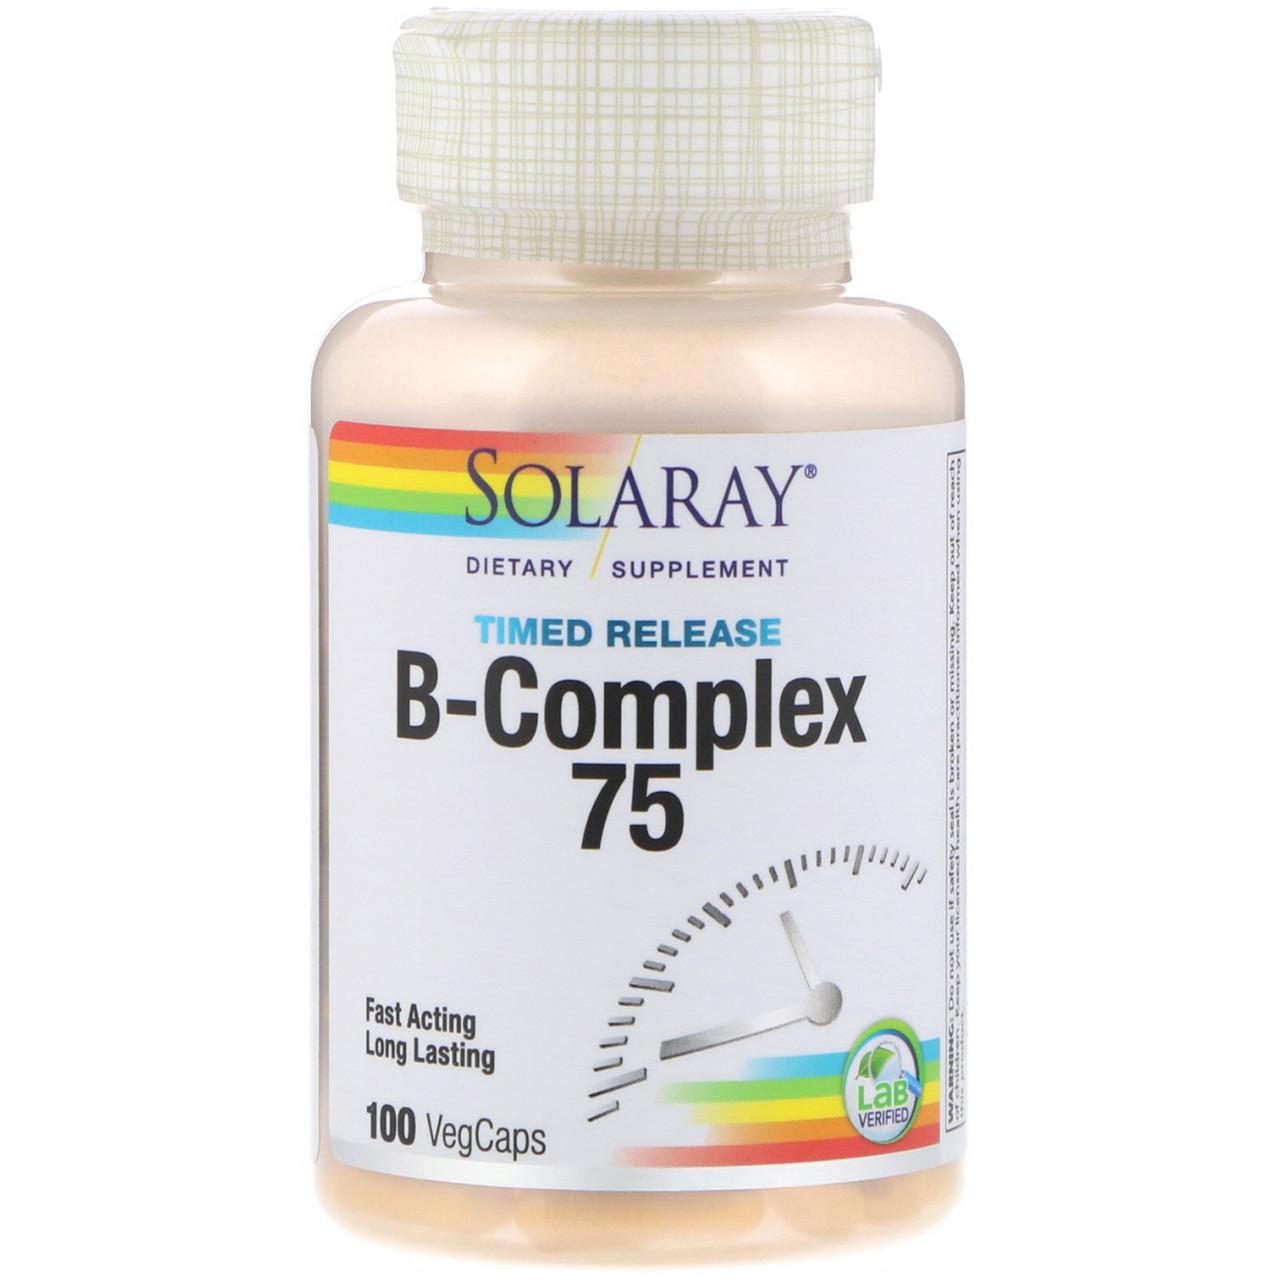 """Комплекс с витаминами группы B """"B-Complex 75"""", замедленное высвобождение от Solaray, 100 веганских капсул"""